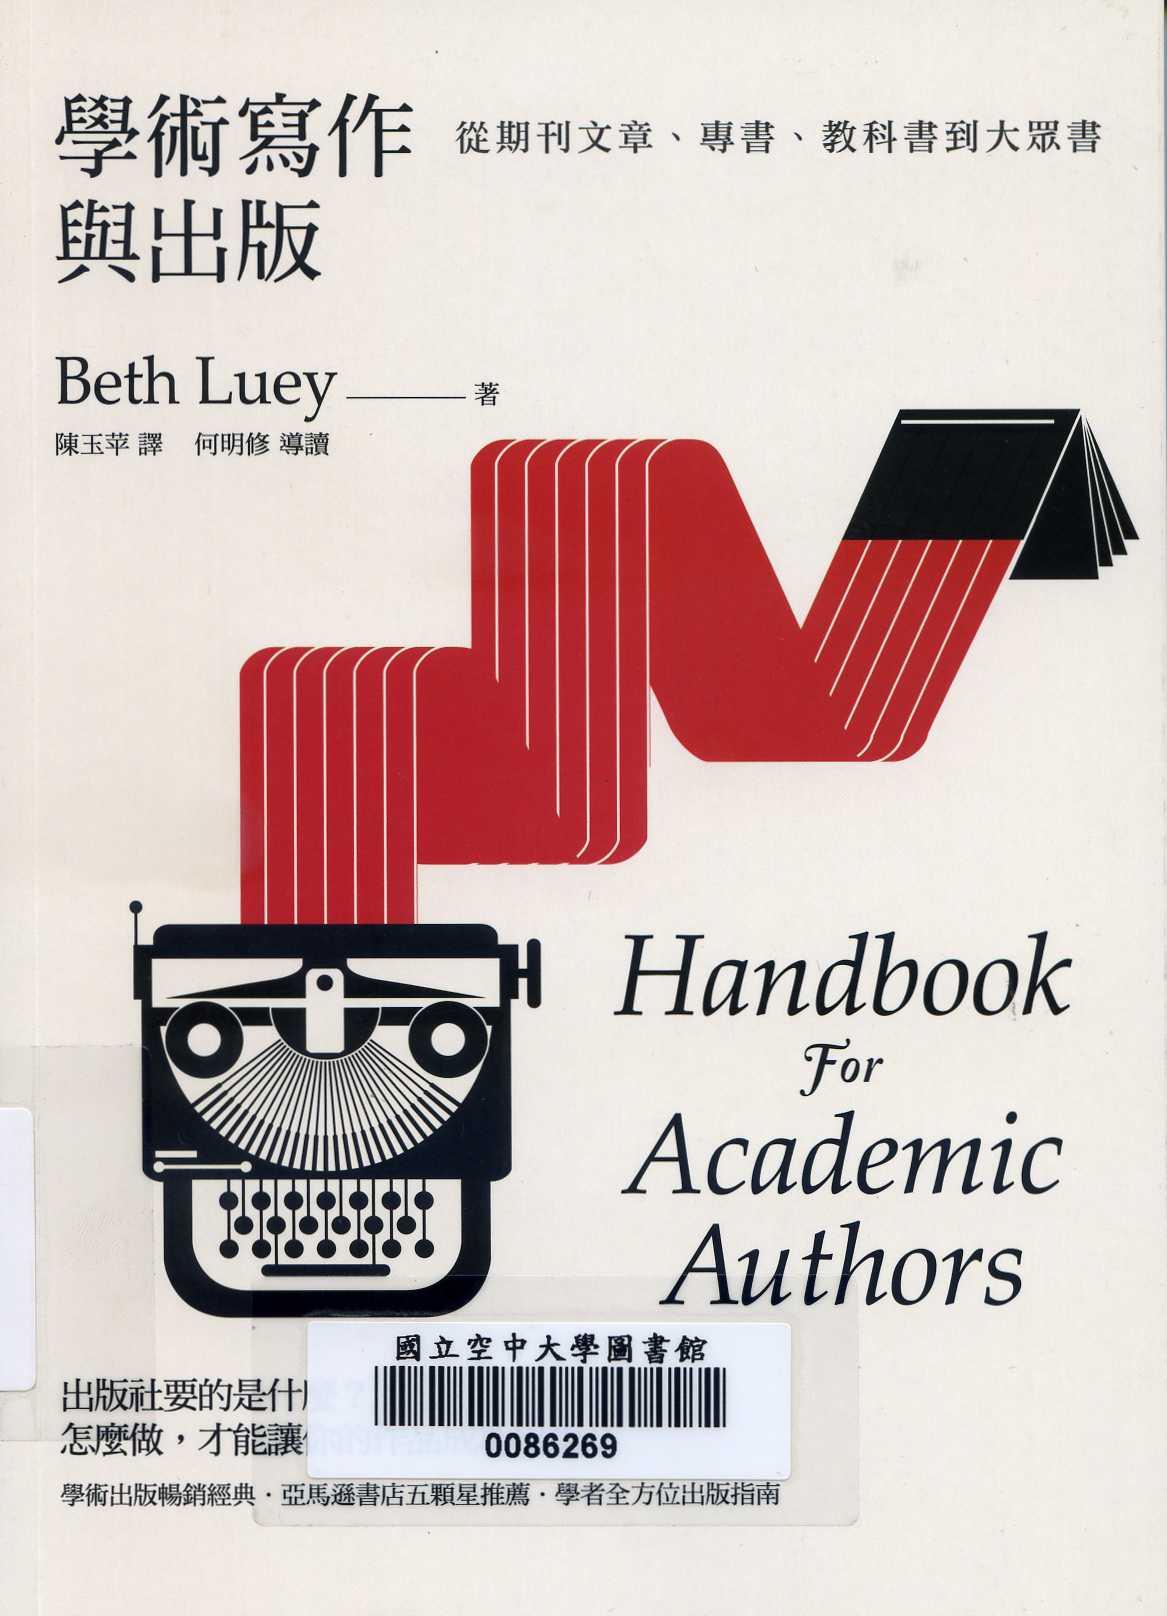 學術寫作與出版 : 從期刊文章、專書、教科書到大眾書